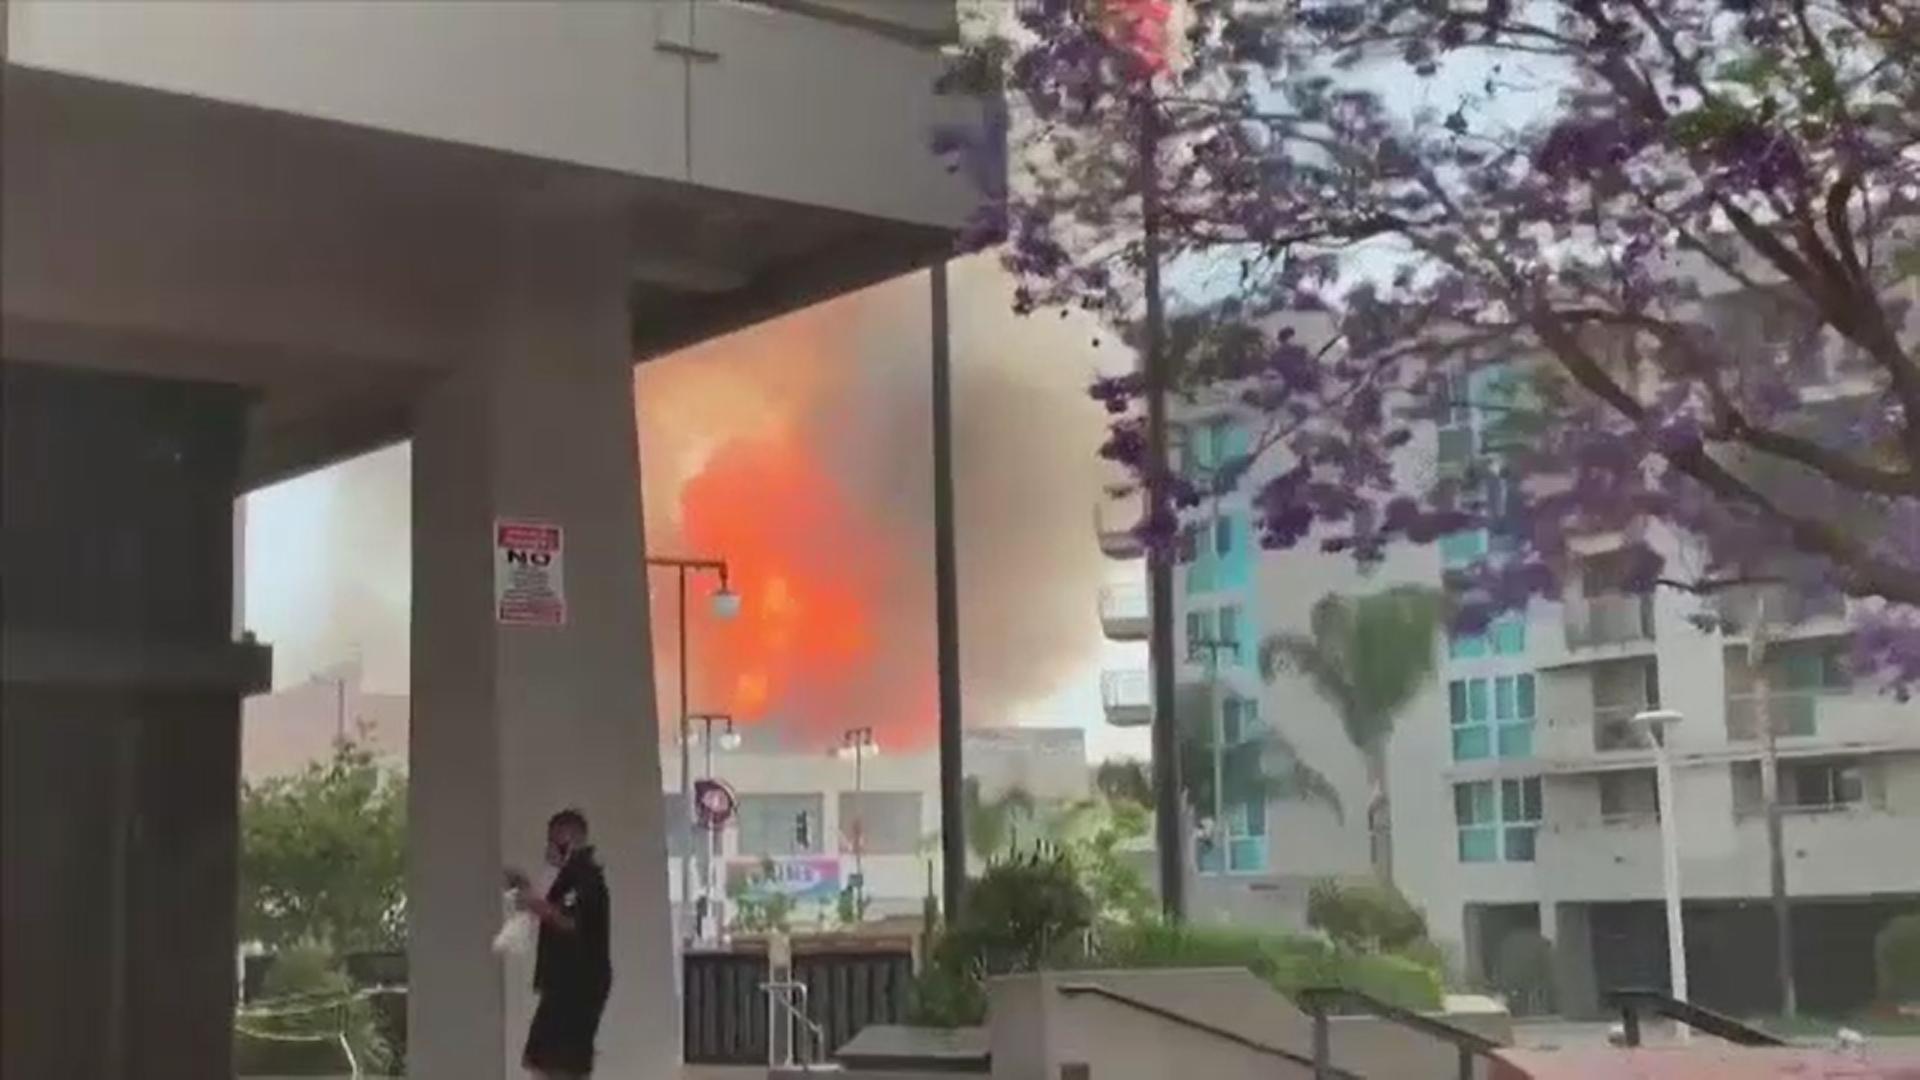 Încendiu masiv într-un centru comercial din Los Angeles